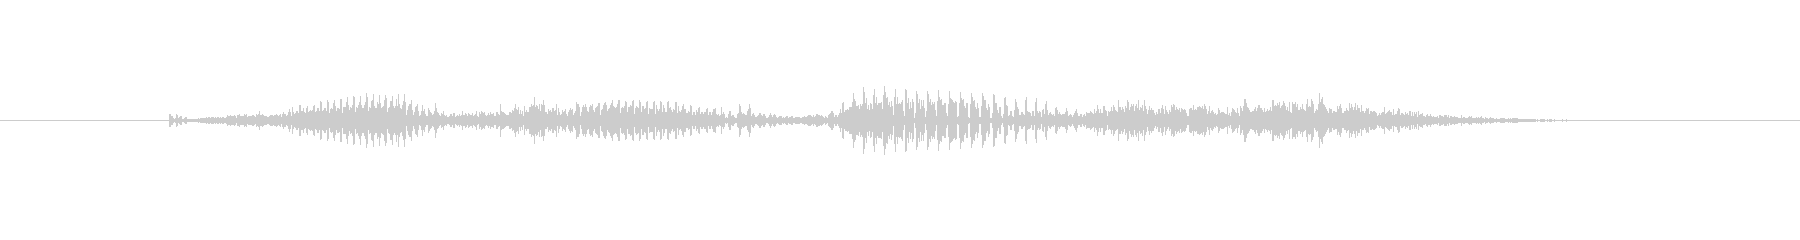 【時報・時間】9時ですの未再生の波形